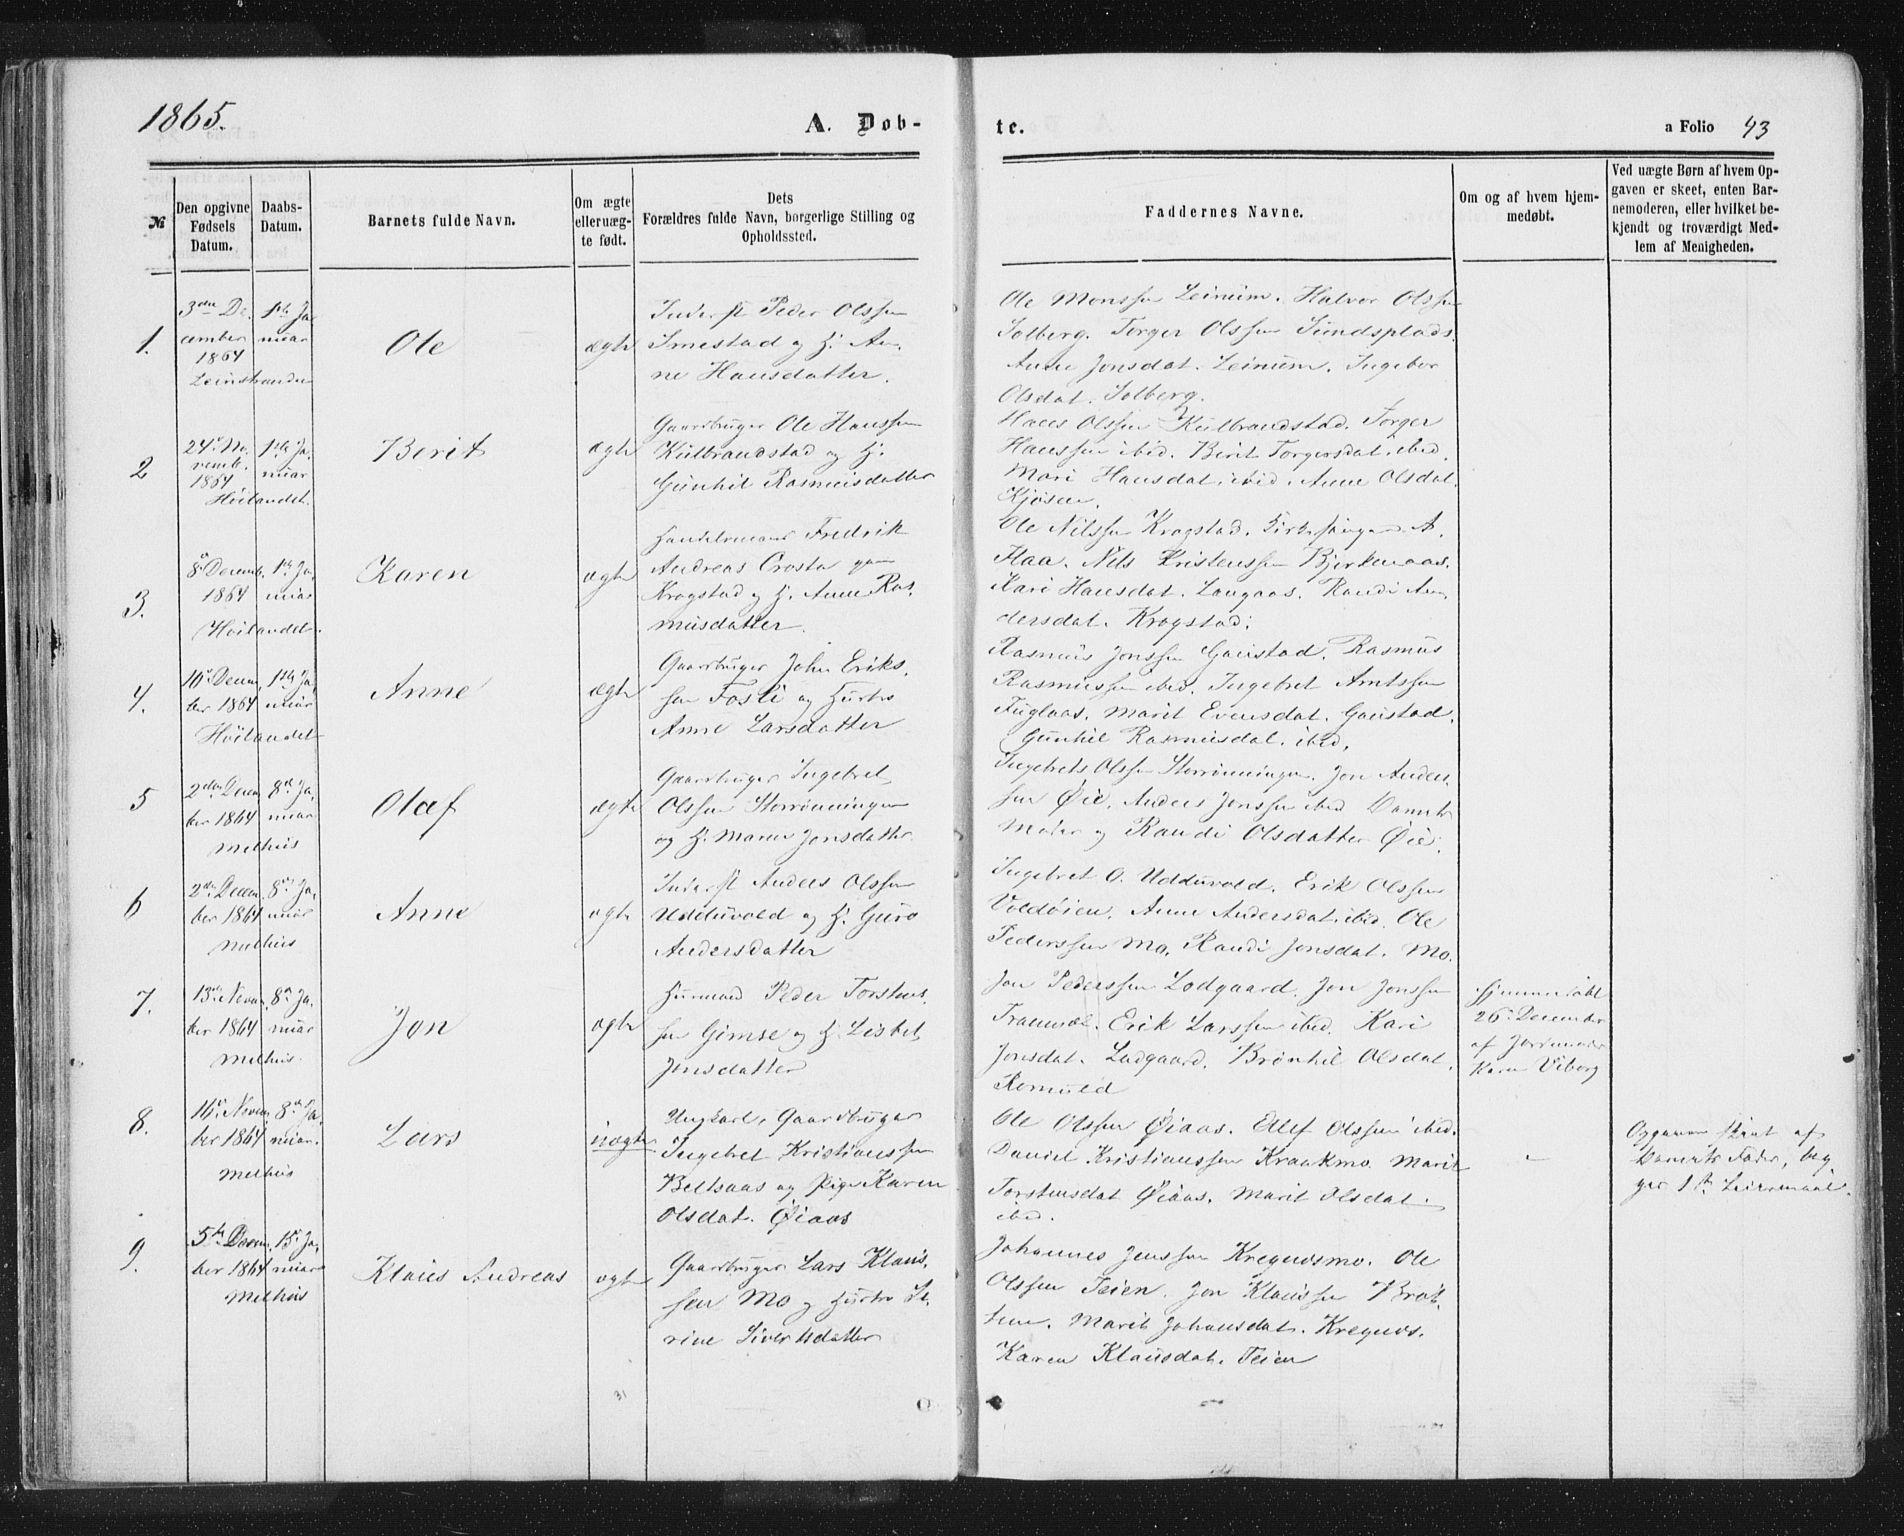 SAT, Ministerialprotokoller, klokkerbøker og fødselsregistre - Sør-Trøndelag, 691/L1077: Ministerialbok nr. 691A09, 1862-1873, s. 43